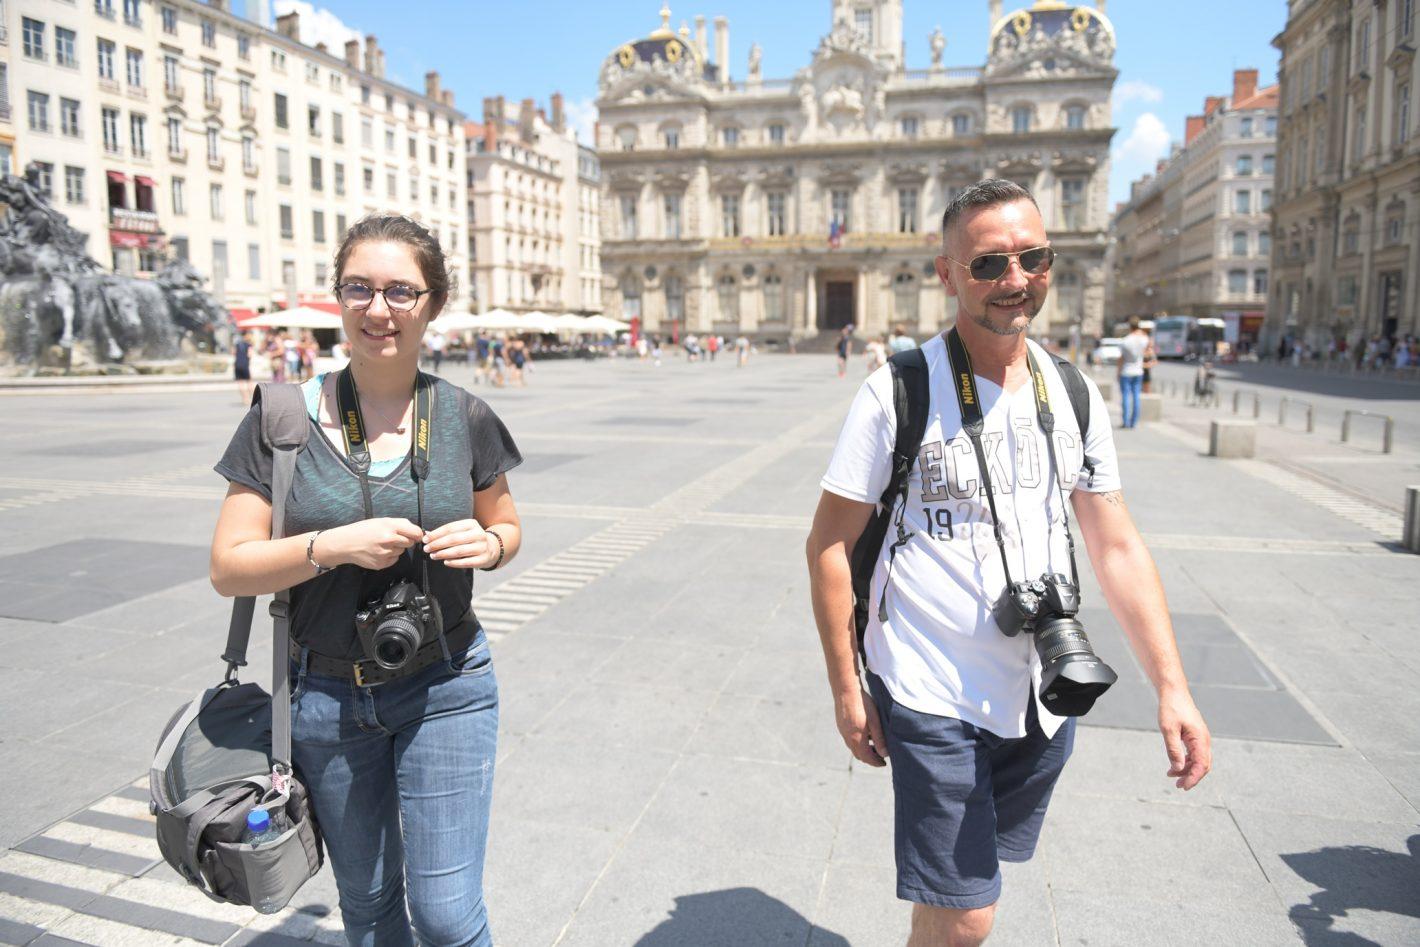 Retour sur l'événement Nikon Club Live à Lyon et son concours photo